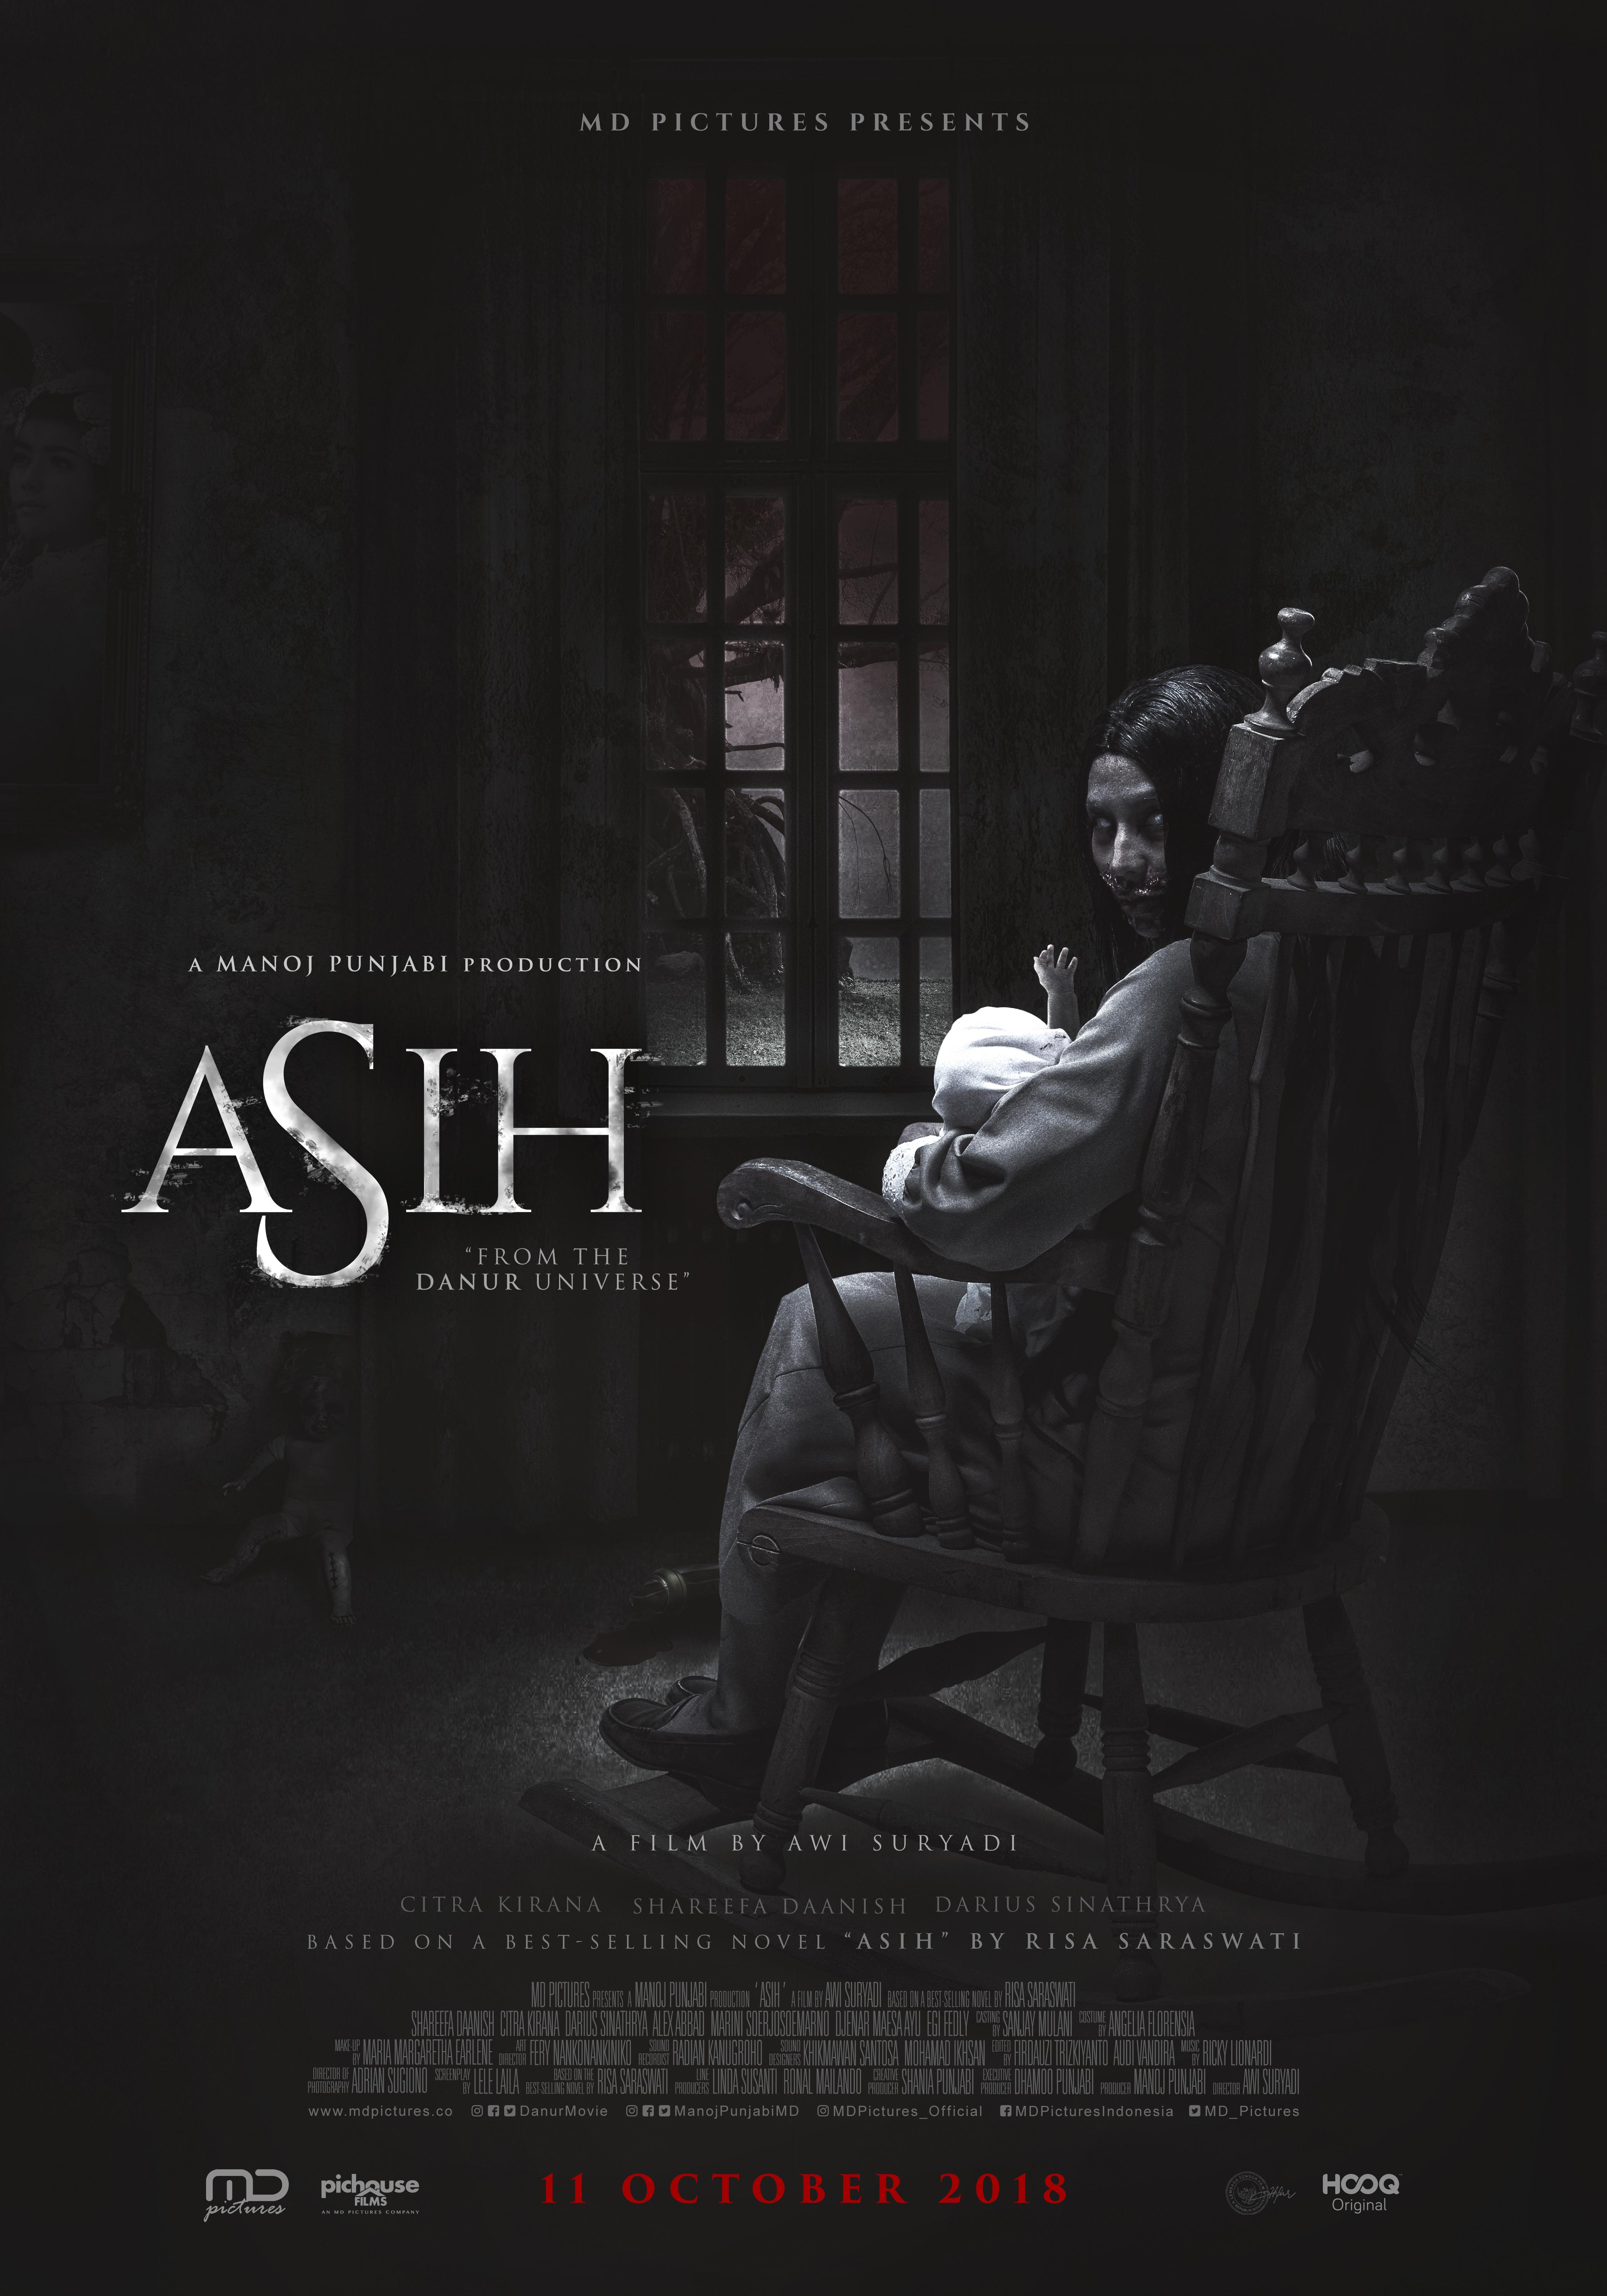 Download Asih (2018) Full Movie | Stream Asih (2018) Full HD | Watch Asih (2018) | Free Download Asih (2018) Full Movie